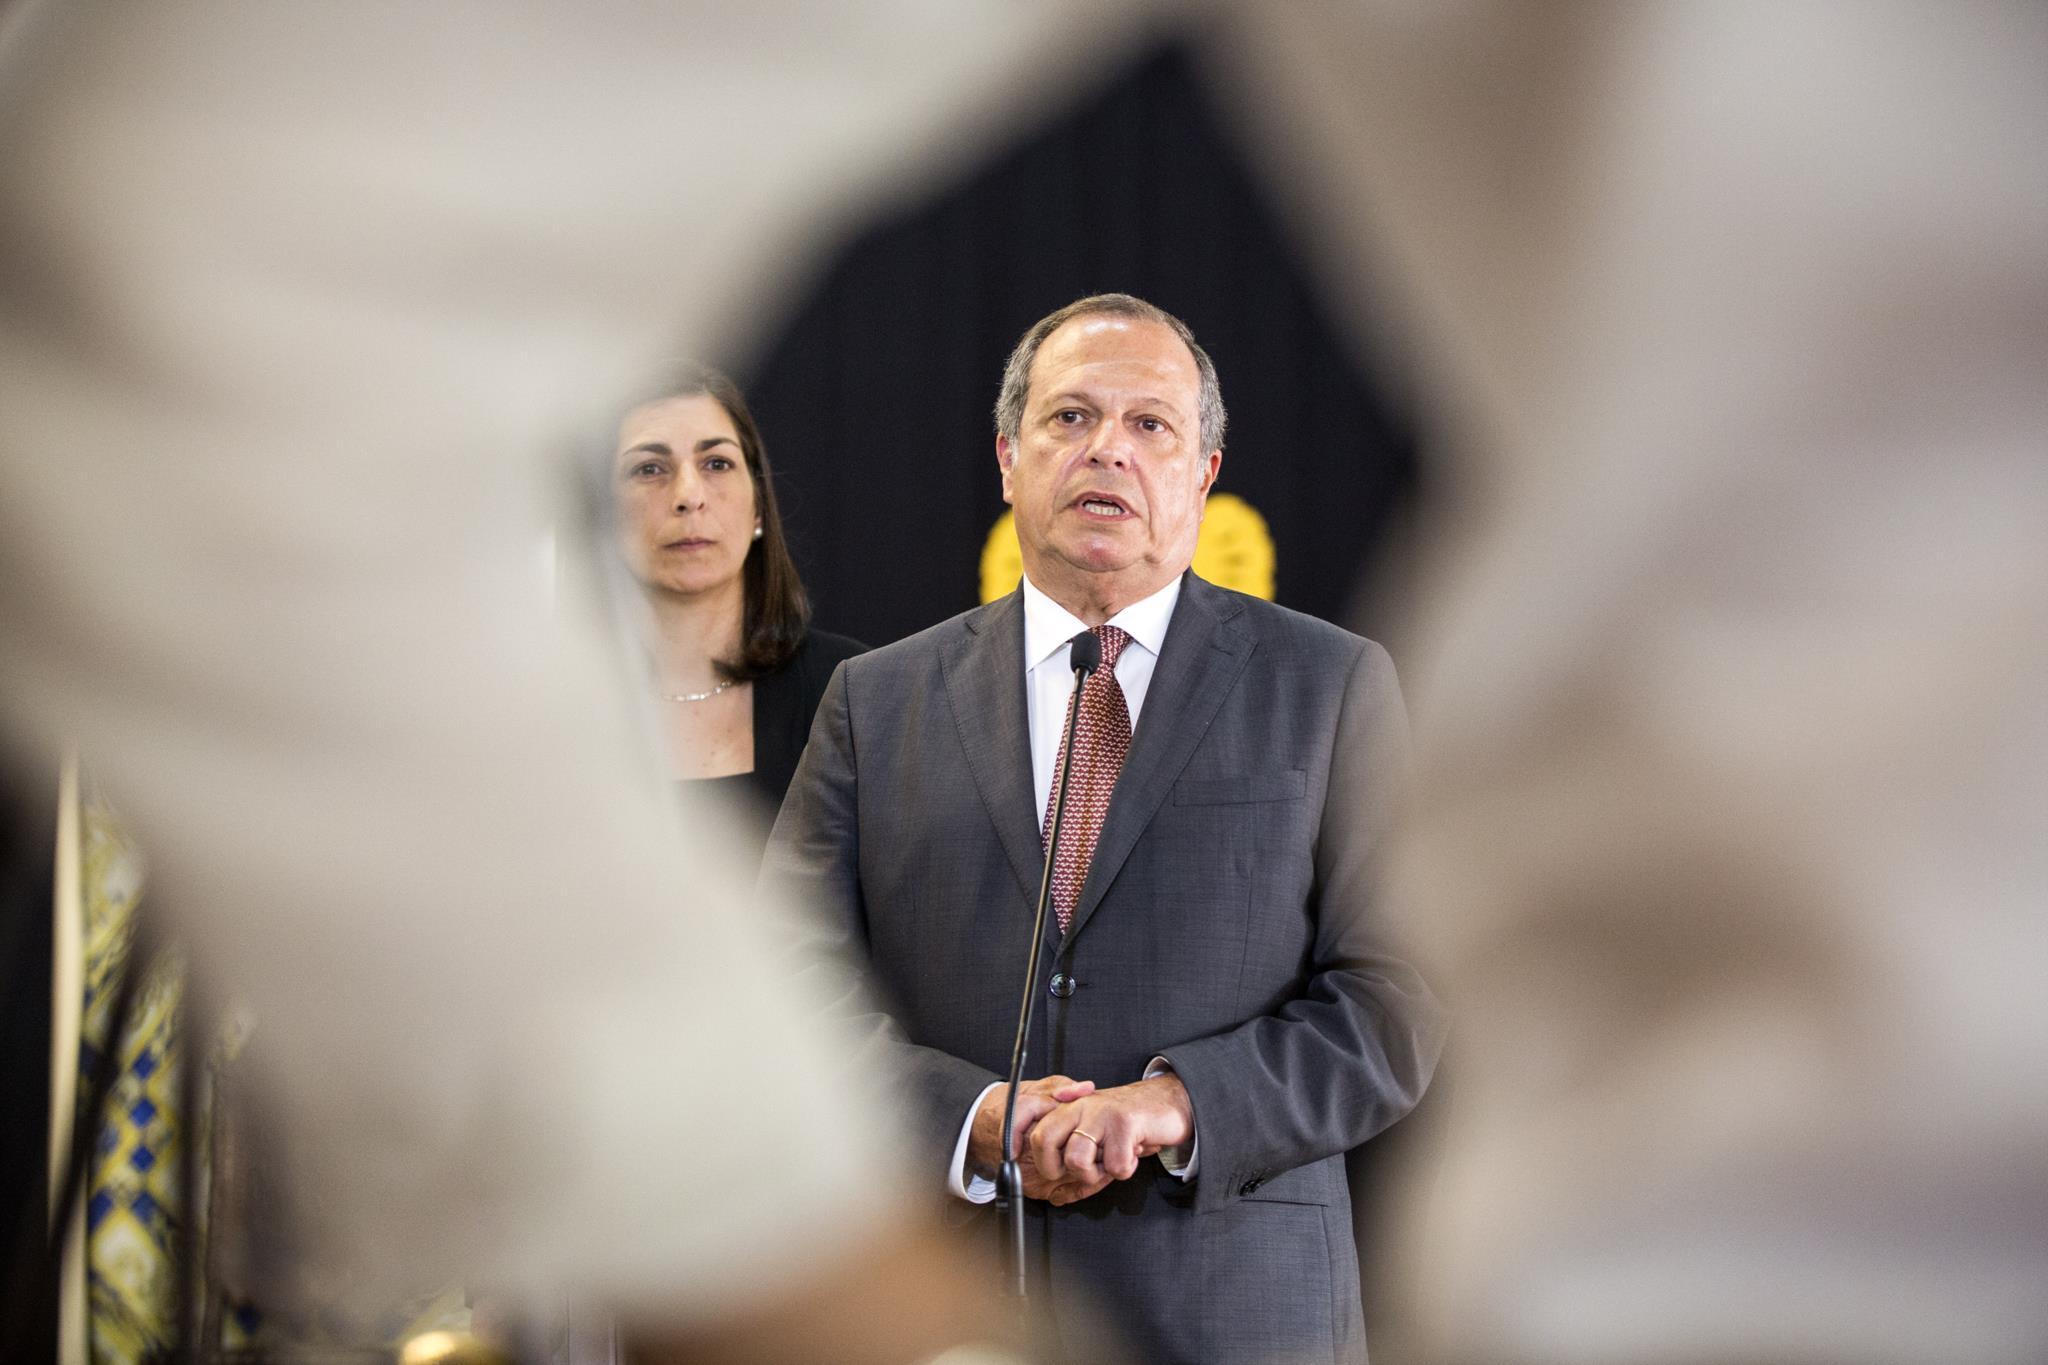 PÚBLICO - Carlos César quer novas regras para a banca já em 2018